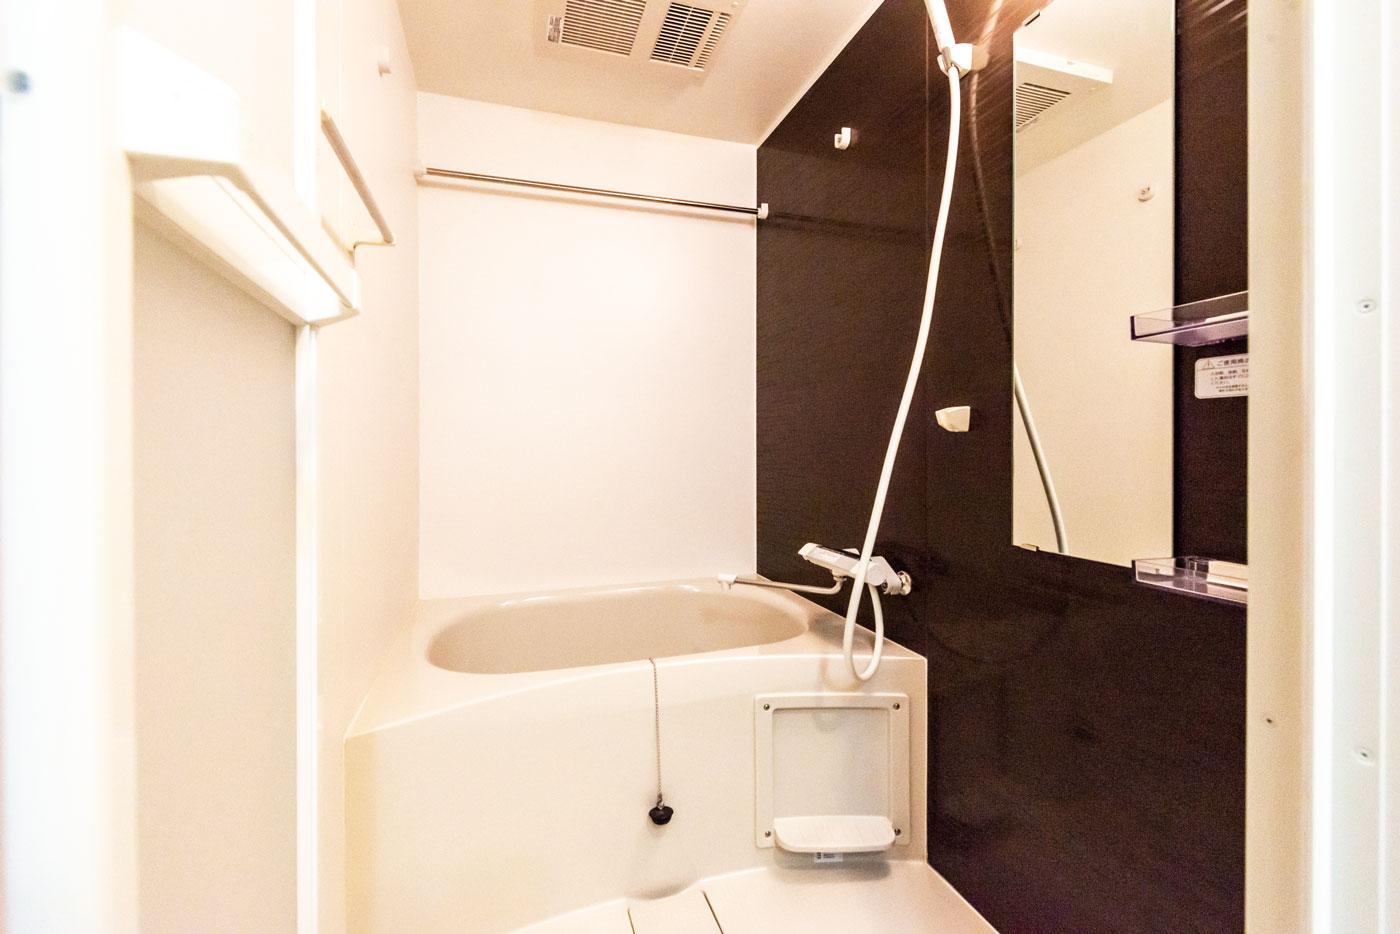 203(浴室)